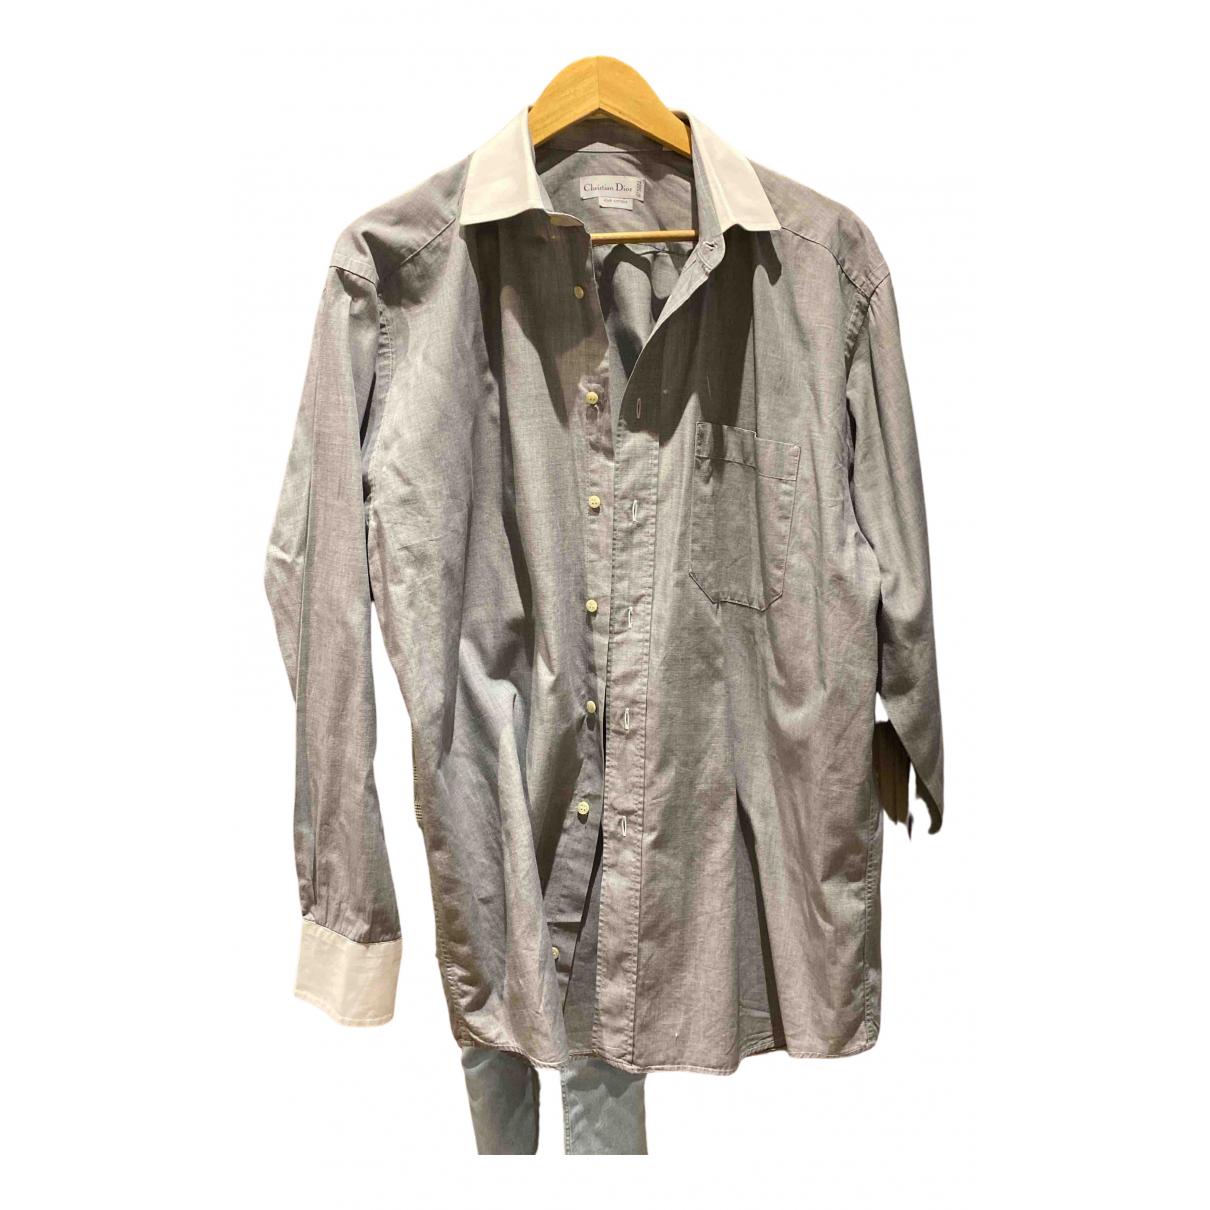 Dior N Grey Cotton Shirts for Men 41 EU (tour de cou / collar)